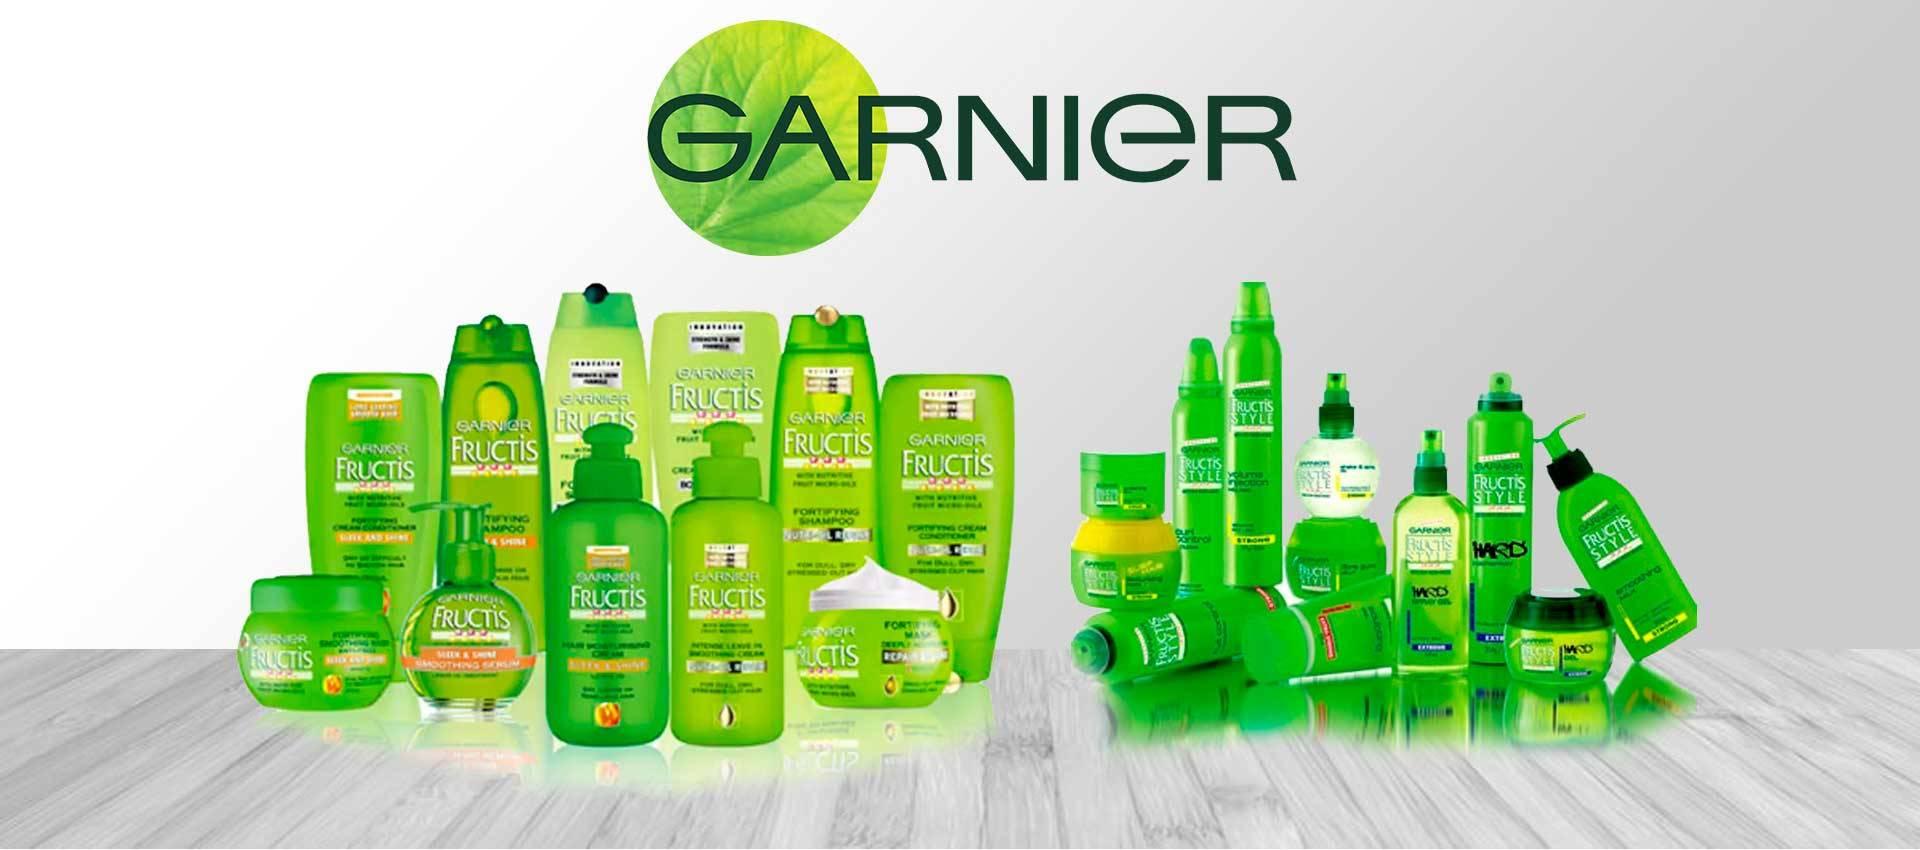 Thương hiệu Garnier (ảnh: internet).